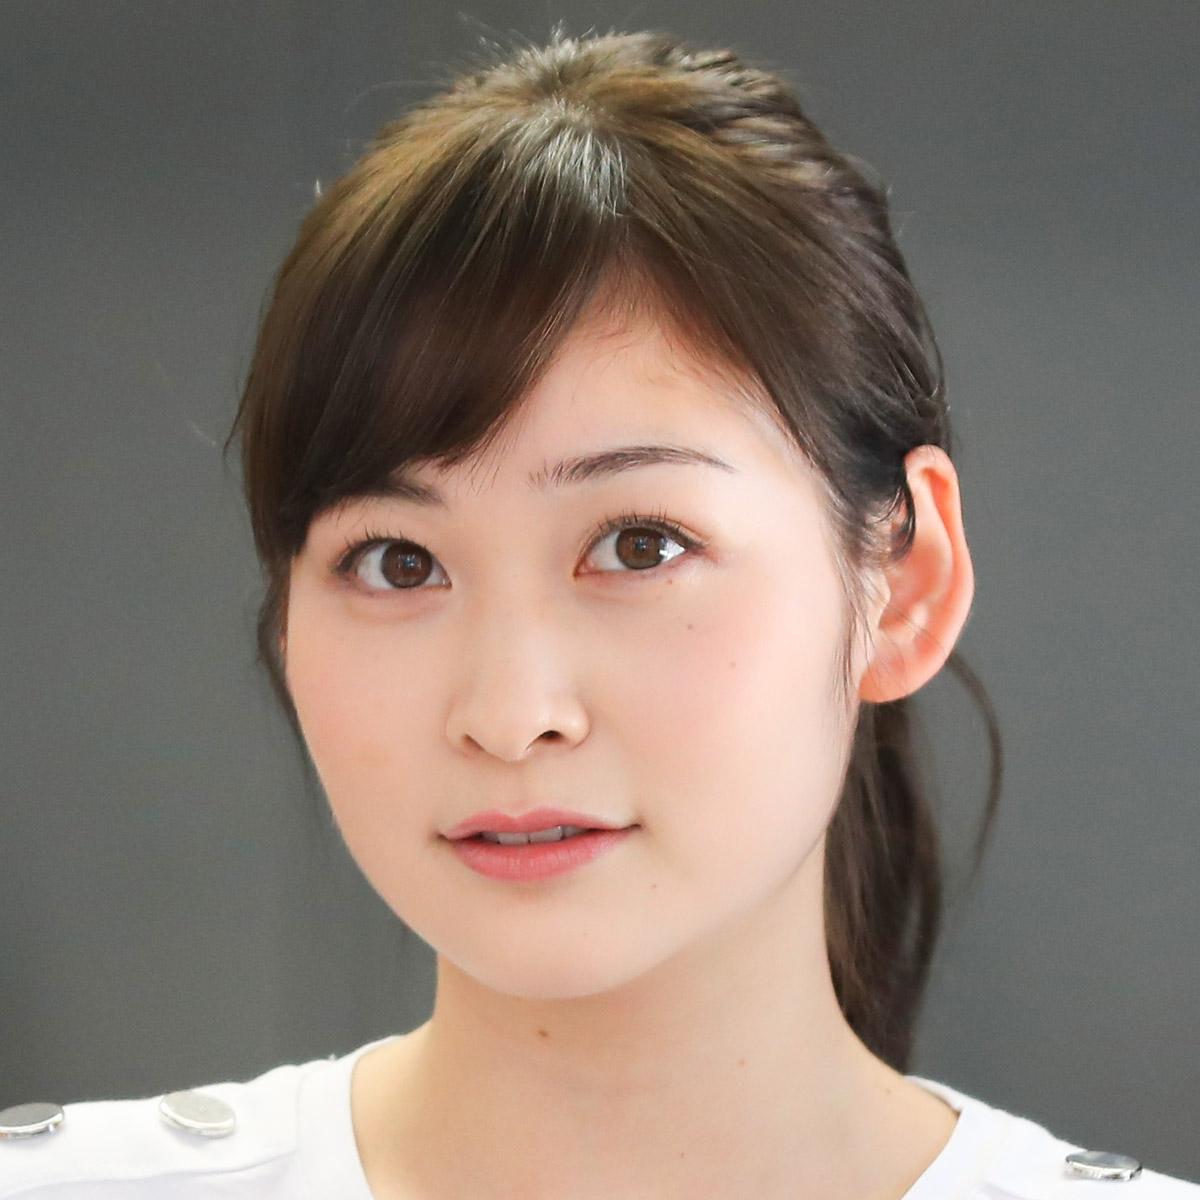 岩田 絵里奈